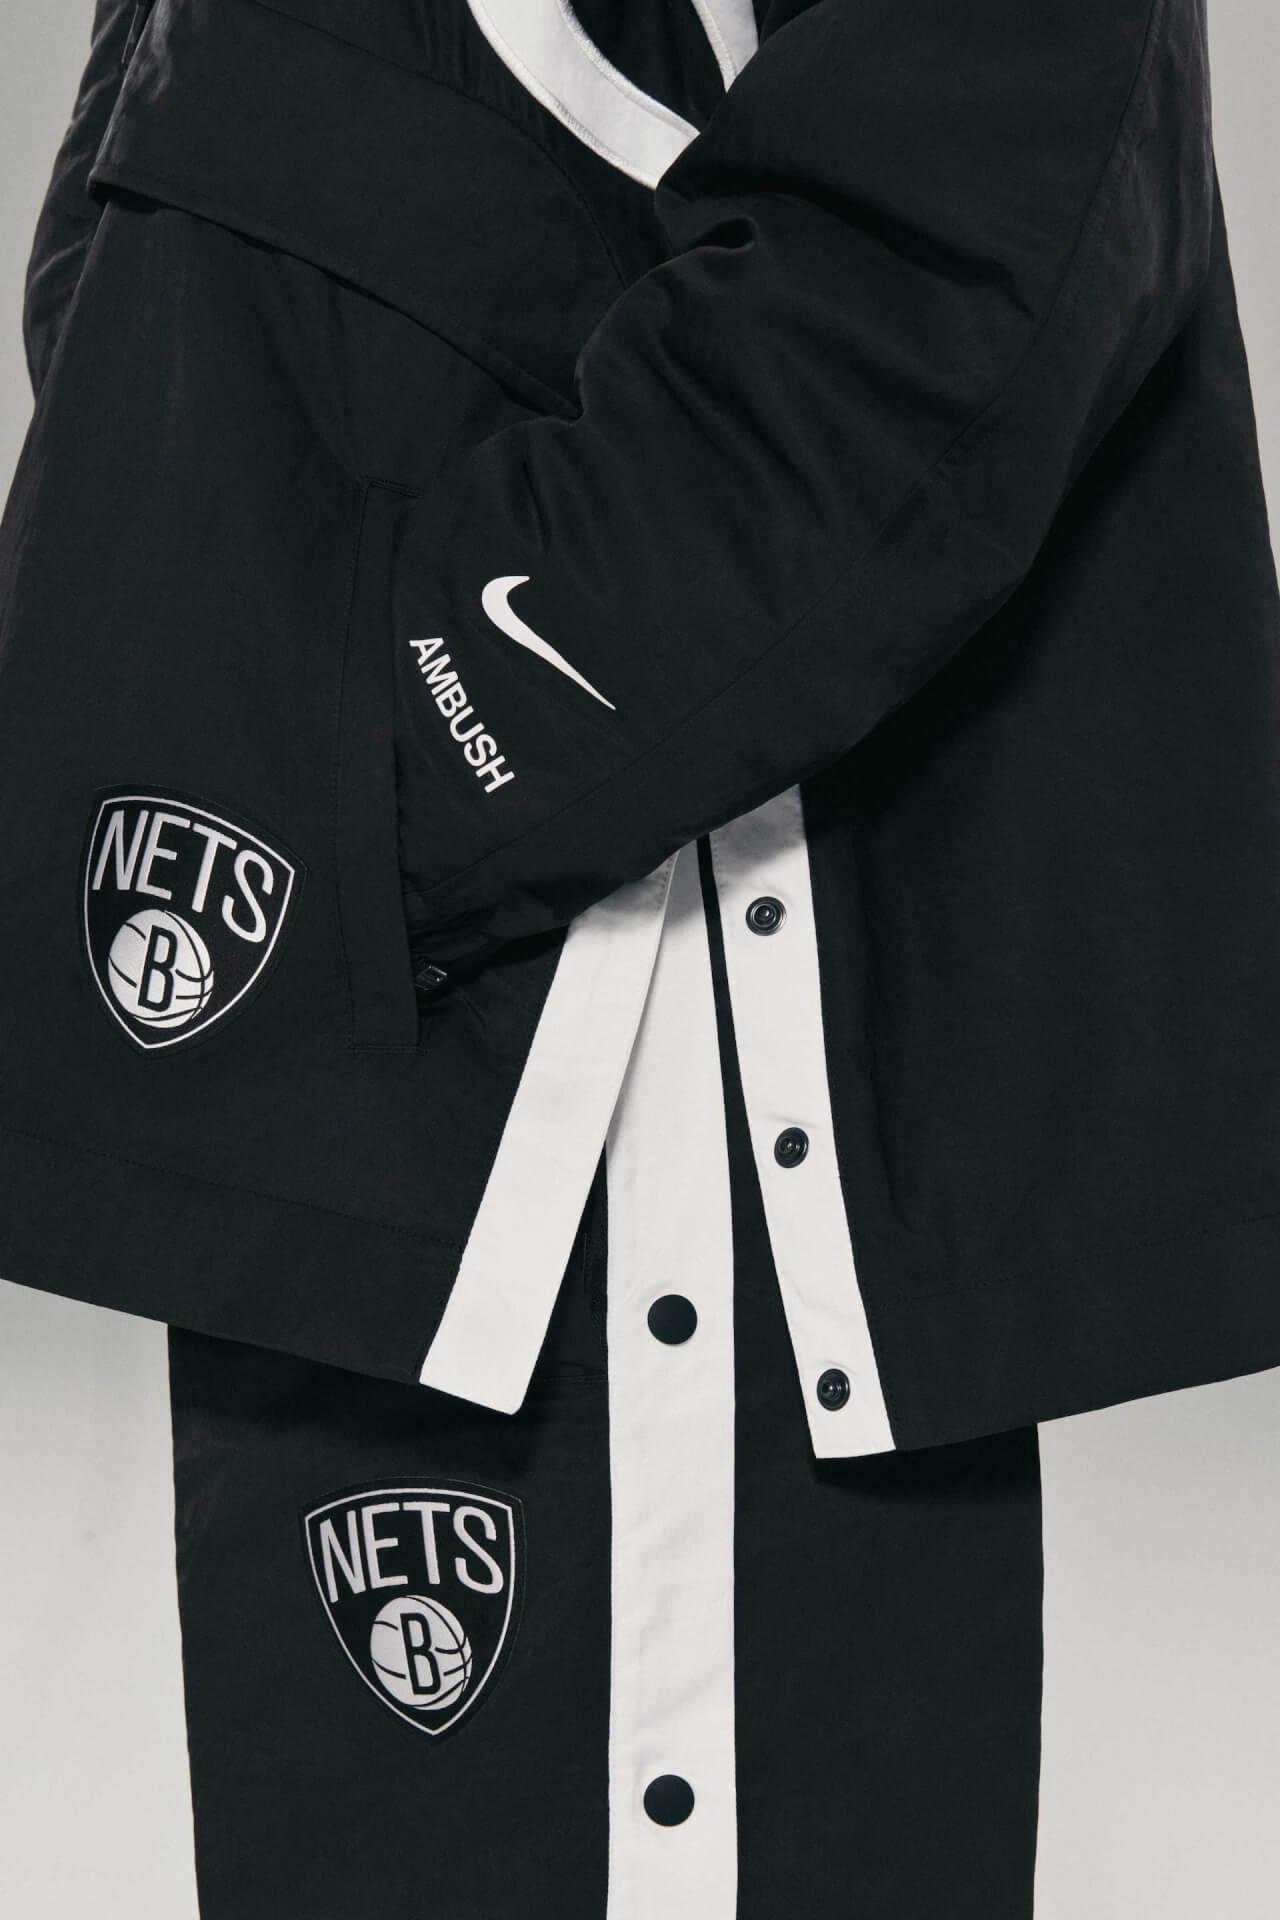 AMBUSH®からNBAとNIKEがYOONと共同でデザインした『NIKE x AMBUSH NBAコレクション』 を発表!NIKE DUNK HIも同時発 fashion2020124_nike_ambushnba_8